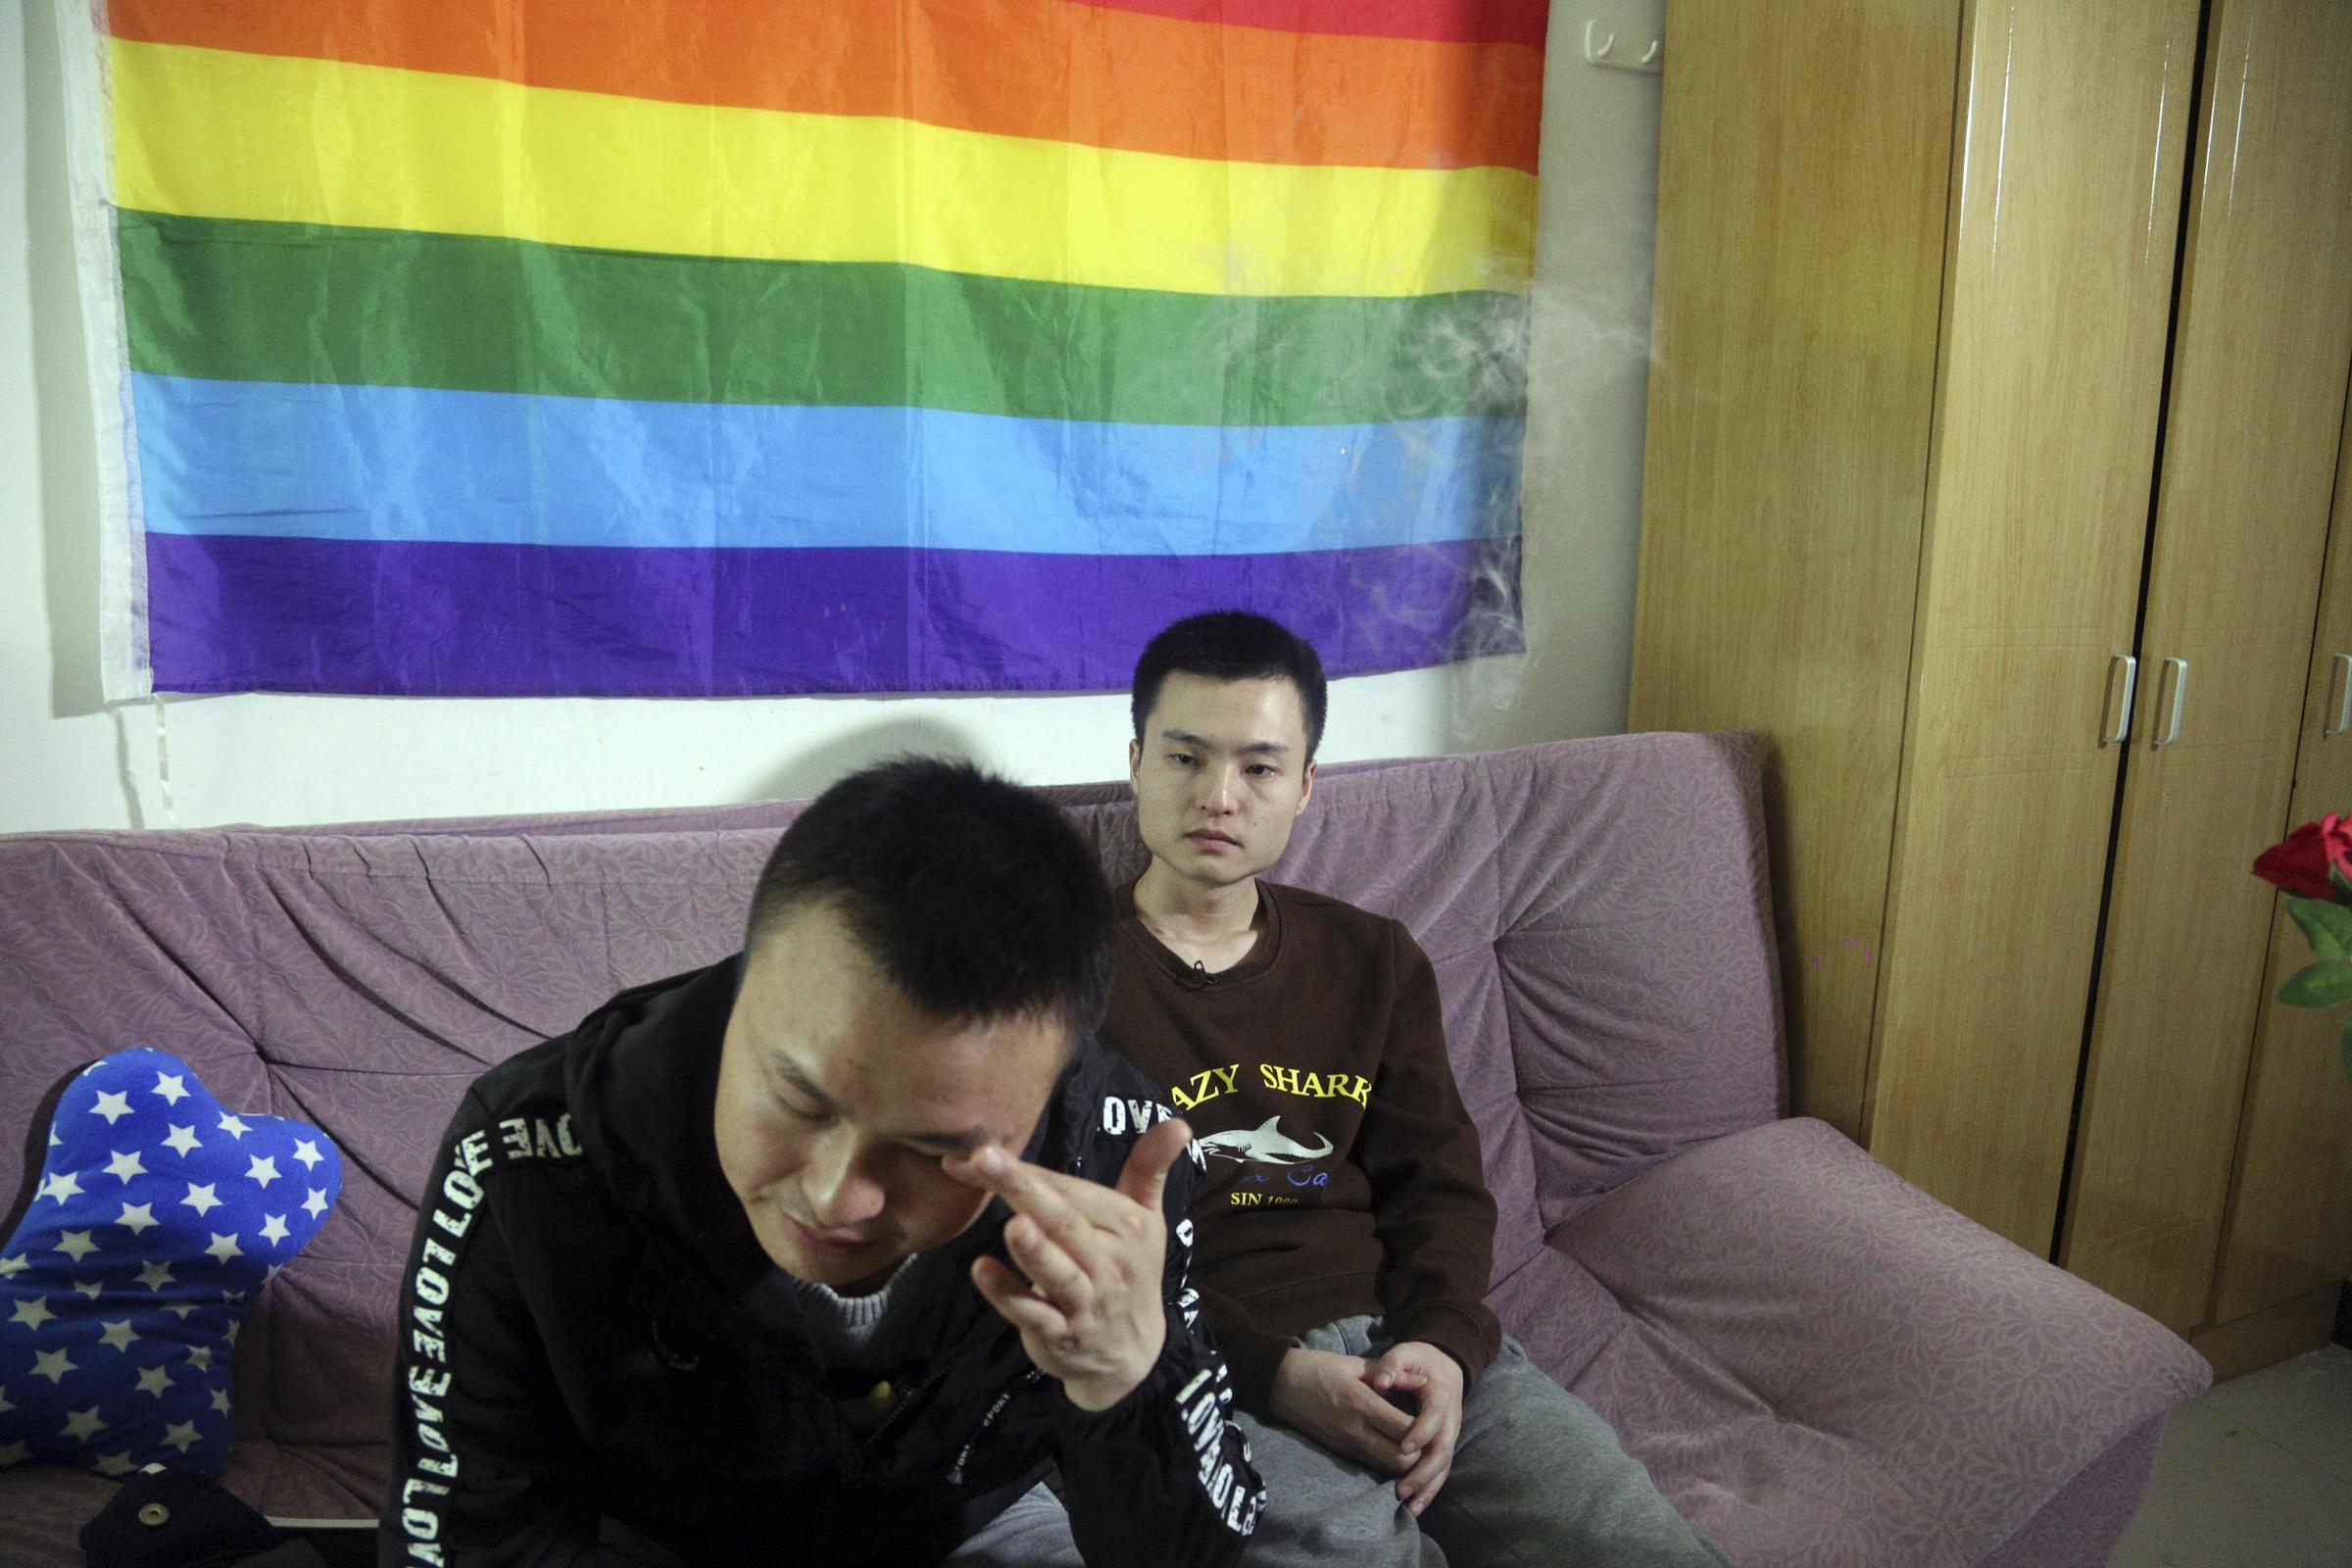 Ov gay